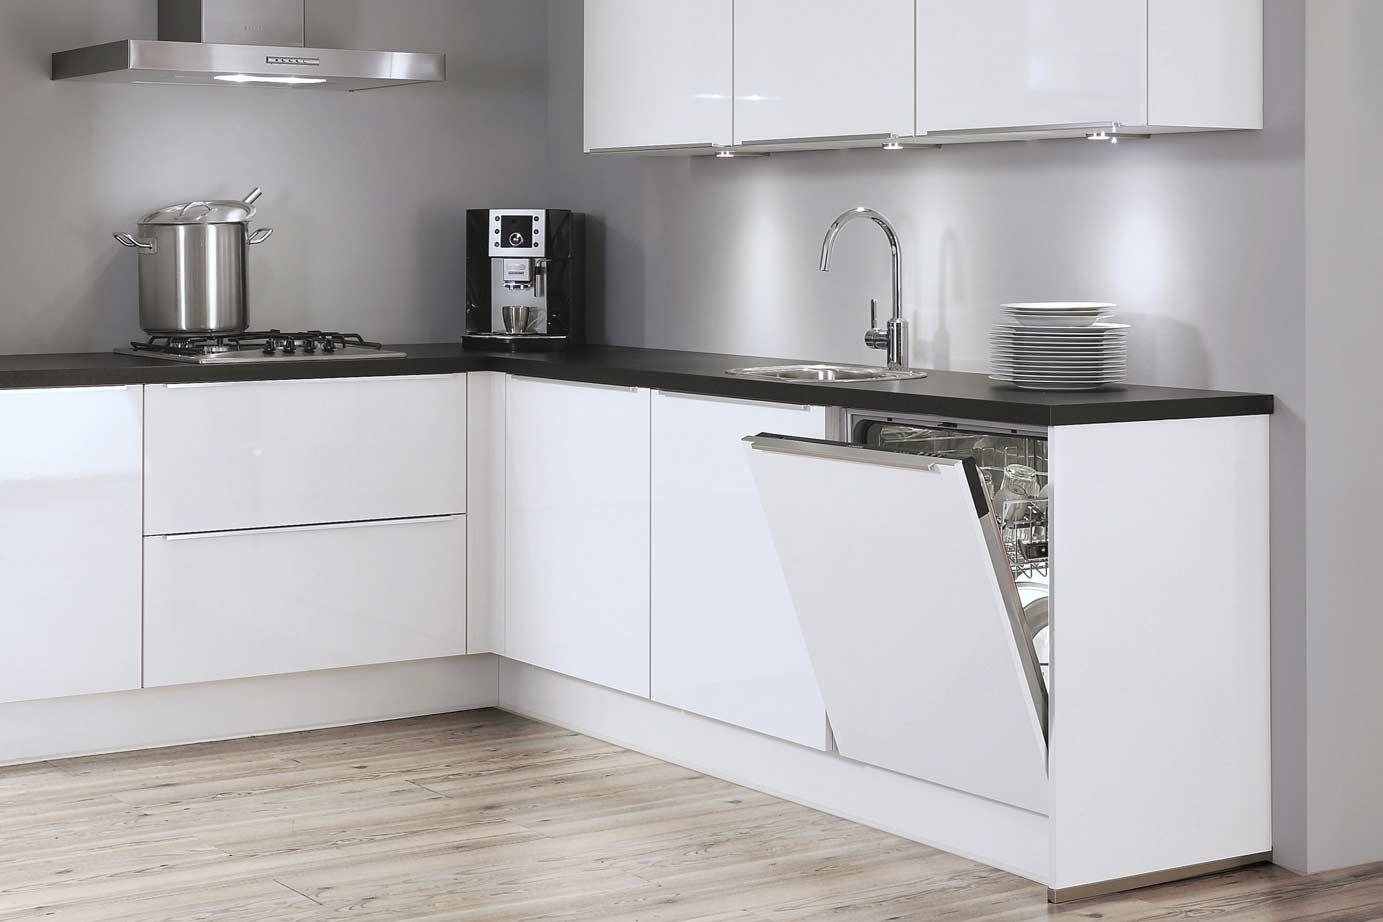 Afvalbakje Keuken Keukentafel : Keukenkast afvalemmer ikea afvalemmer inbouw afvalemmers kast cm